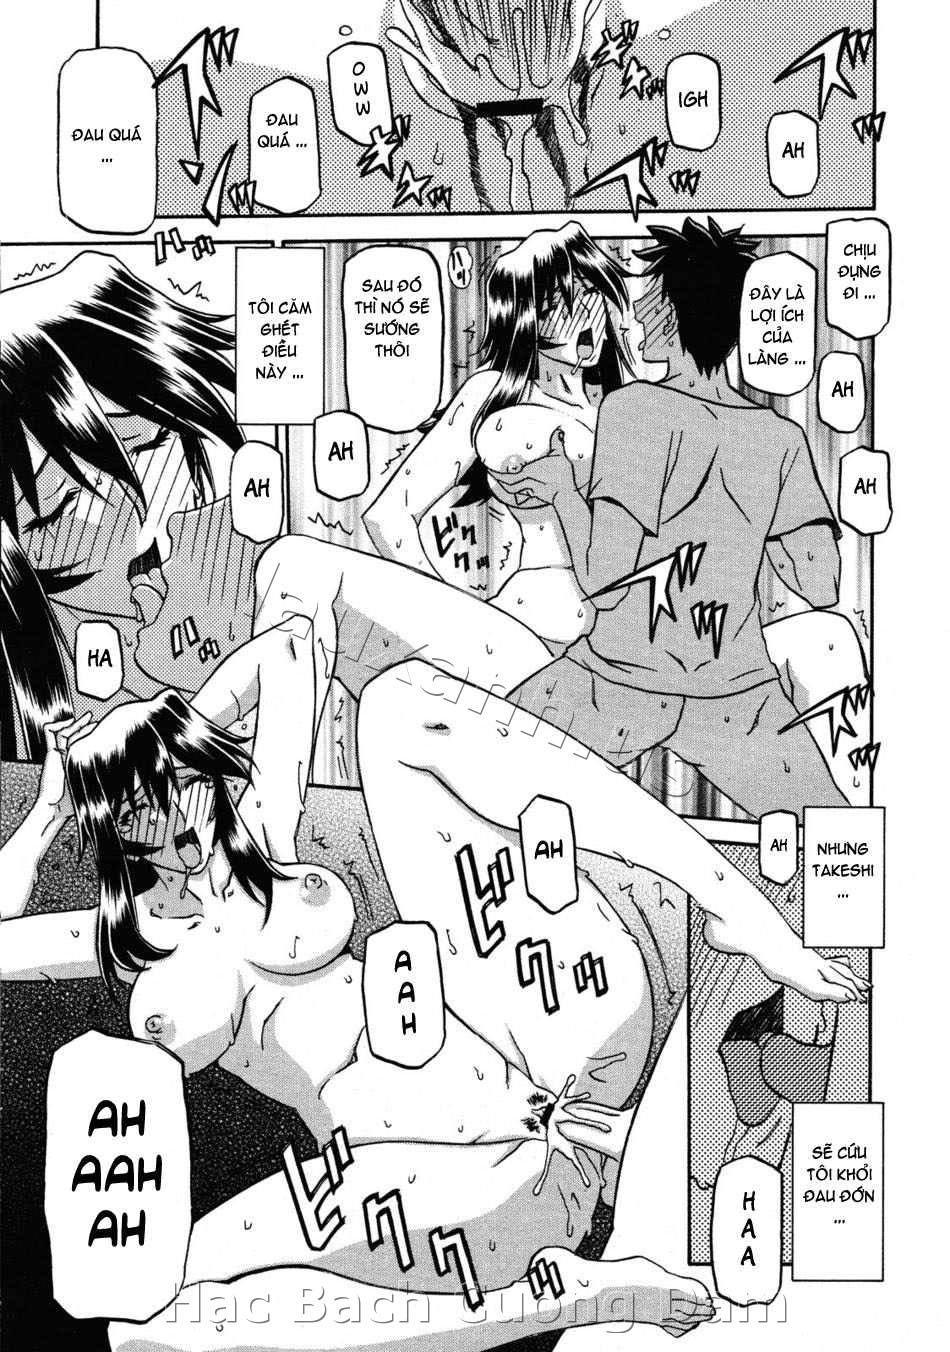 Hình ảnh hentailxers.blogspot.com0134 trong bài viết Manga H Sayuki no Sato